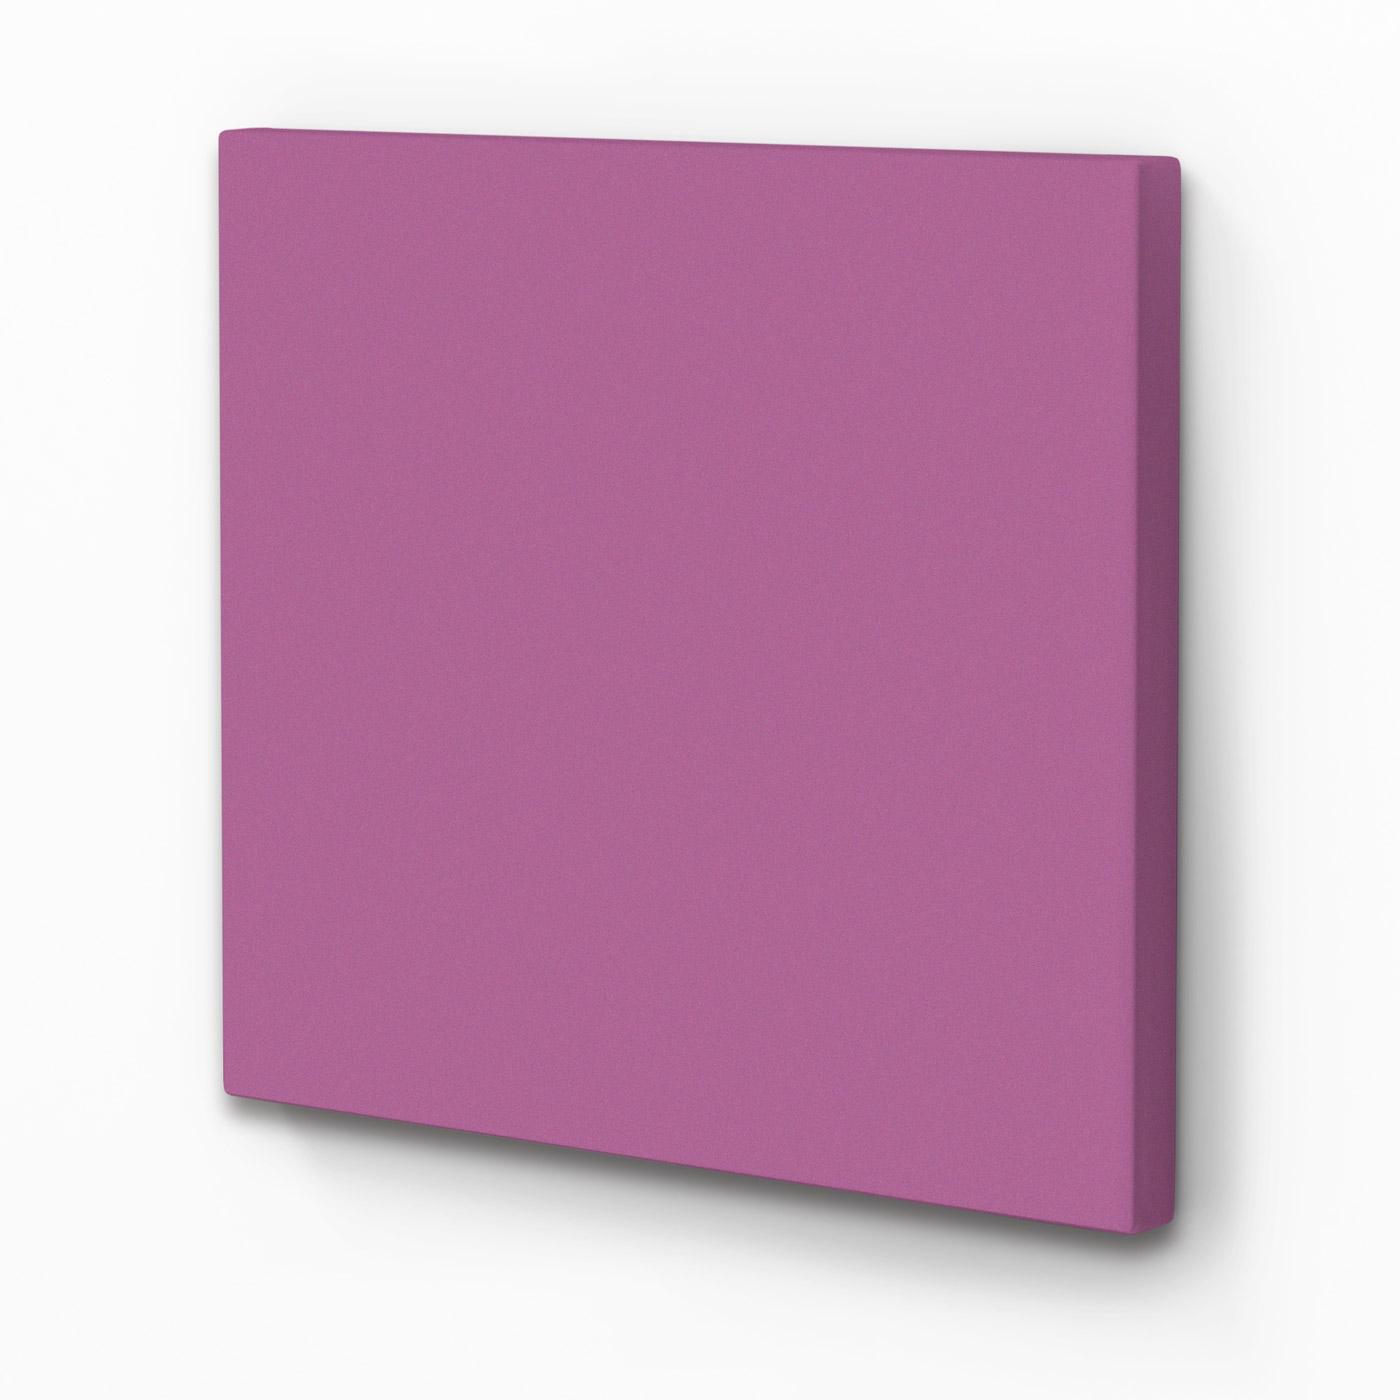 raumakustik verbessern schallabsorber akustikbild lavendel. Black Bedroom Furniture Sets. Home Design Ideas